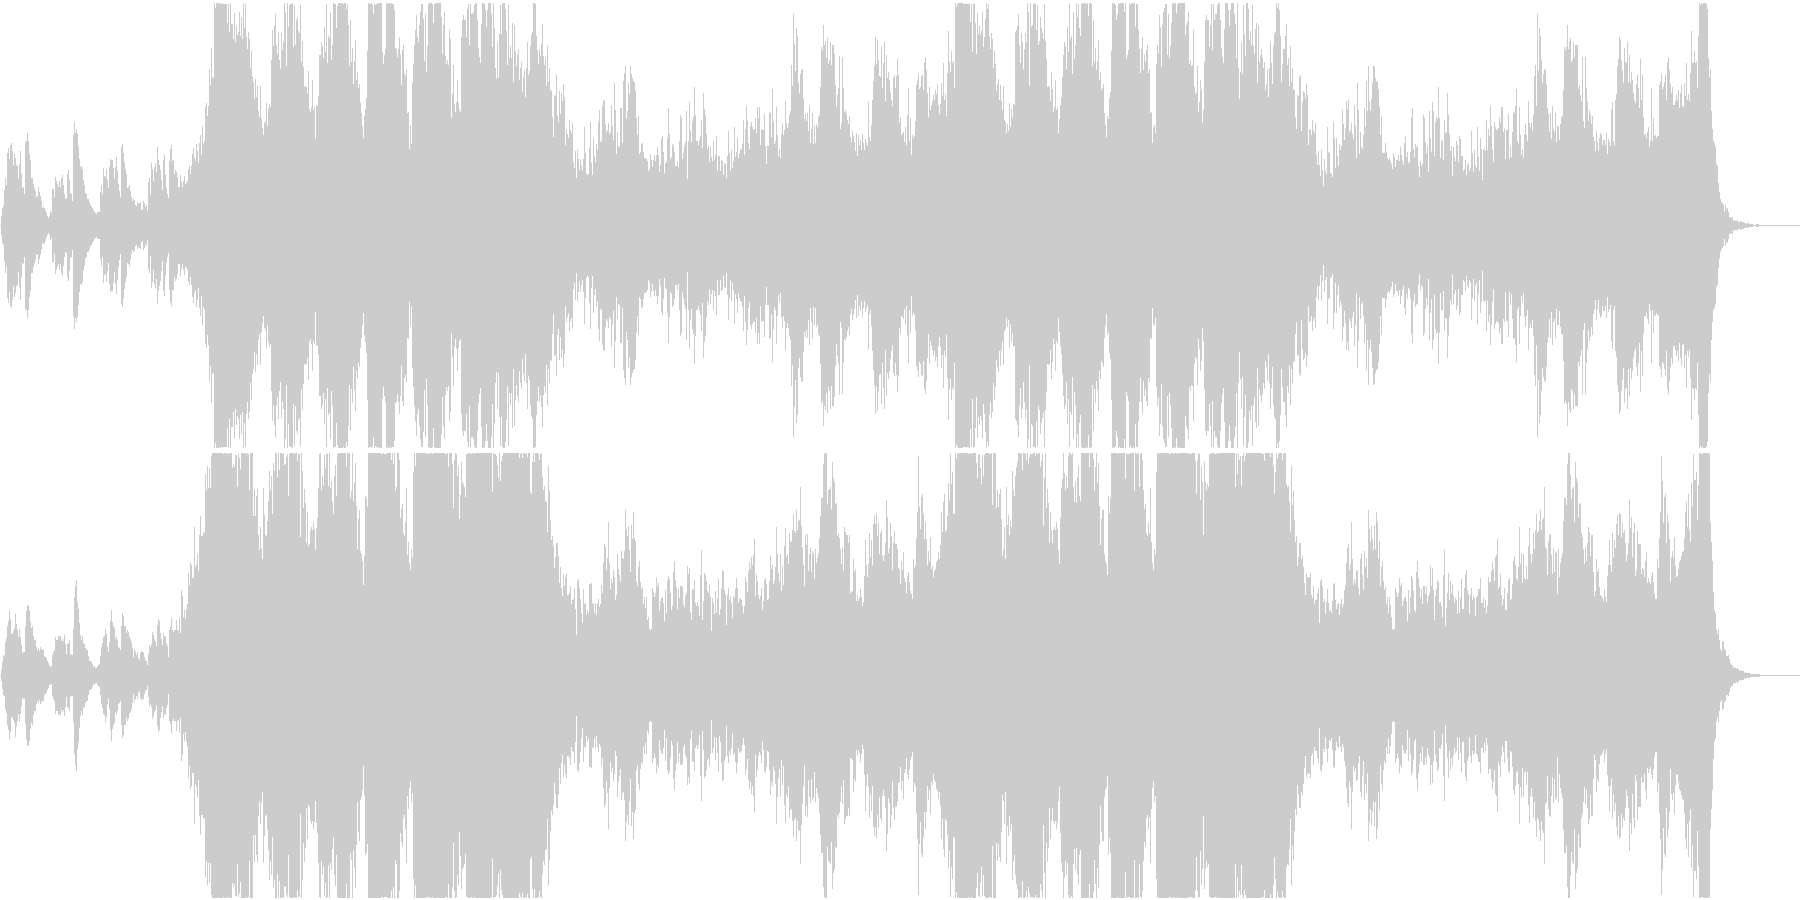 ホラー系壮大なサスペンス映画テーマ曲の未再生の波形